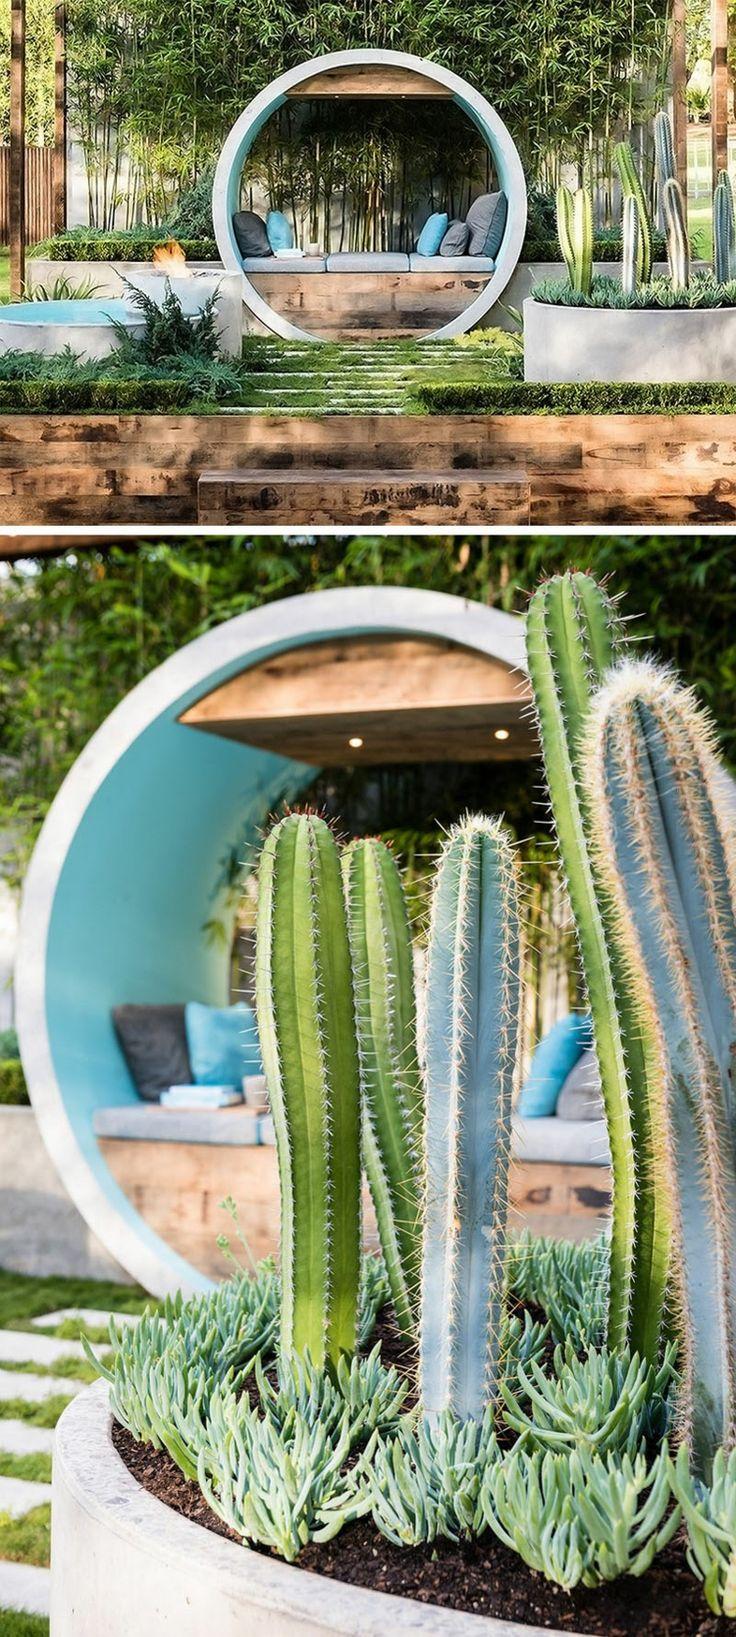 pflanzkubel aus beton fur hochbeete moderne gartengestaltungen, Gartengerate ideen